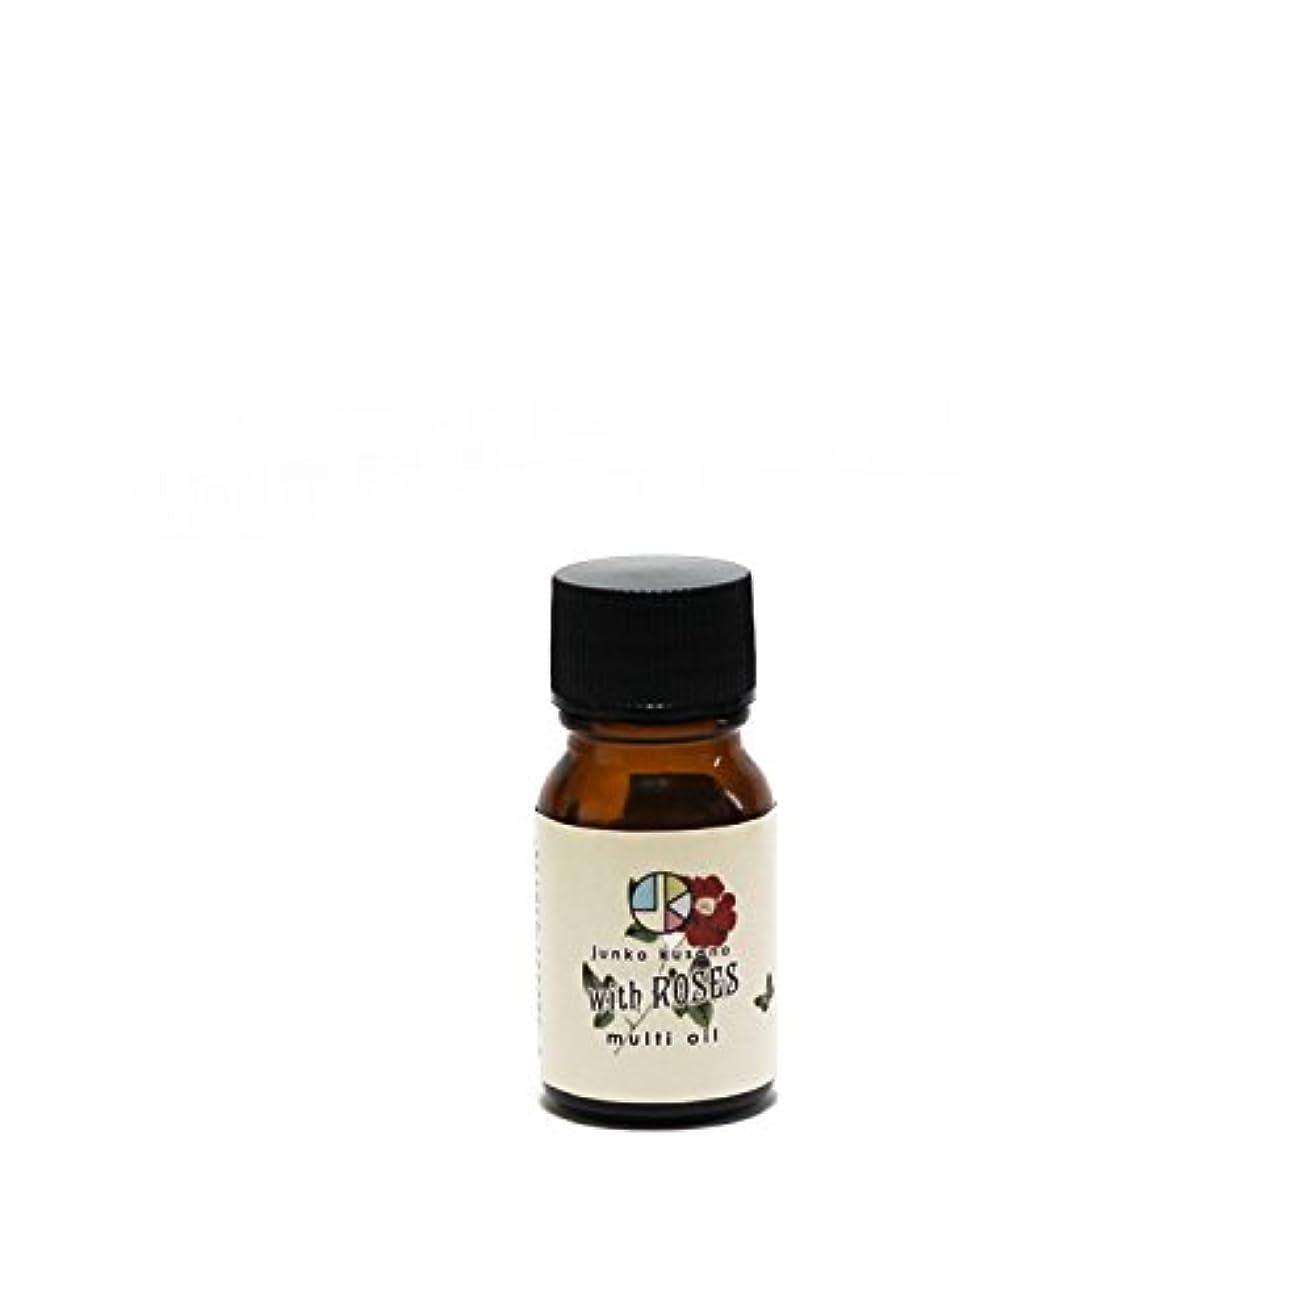 ポスト印象派パスタナチュラjunko kusano multi oil with Roses mini マルチオイルwithローズ ミニボトル10ml